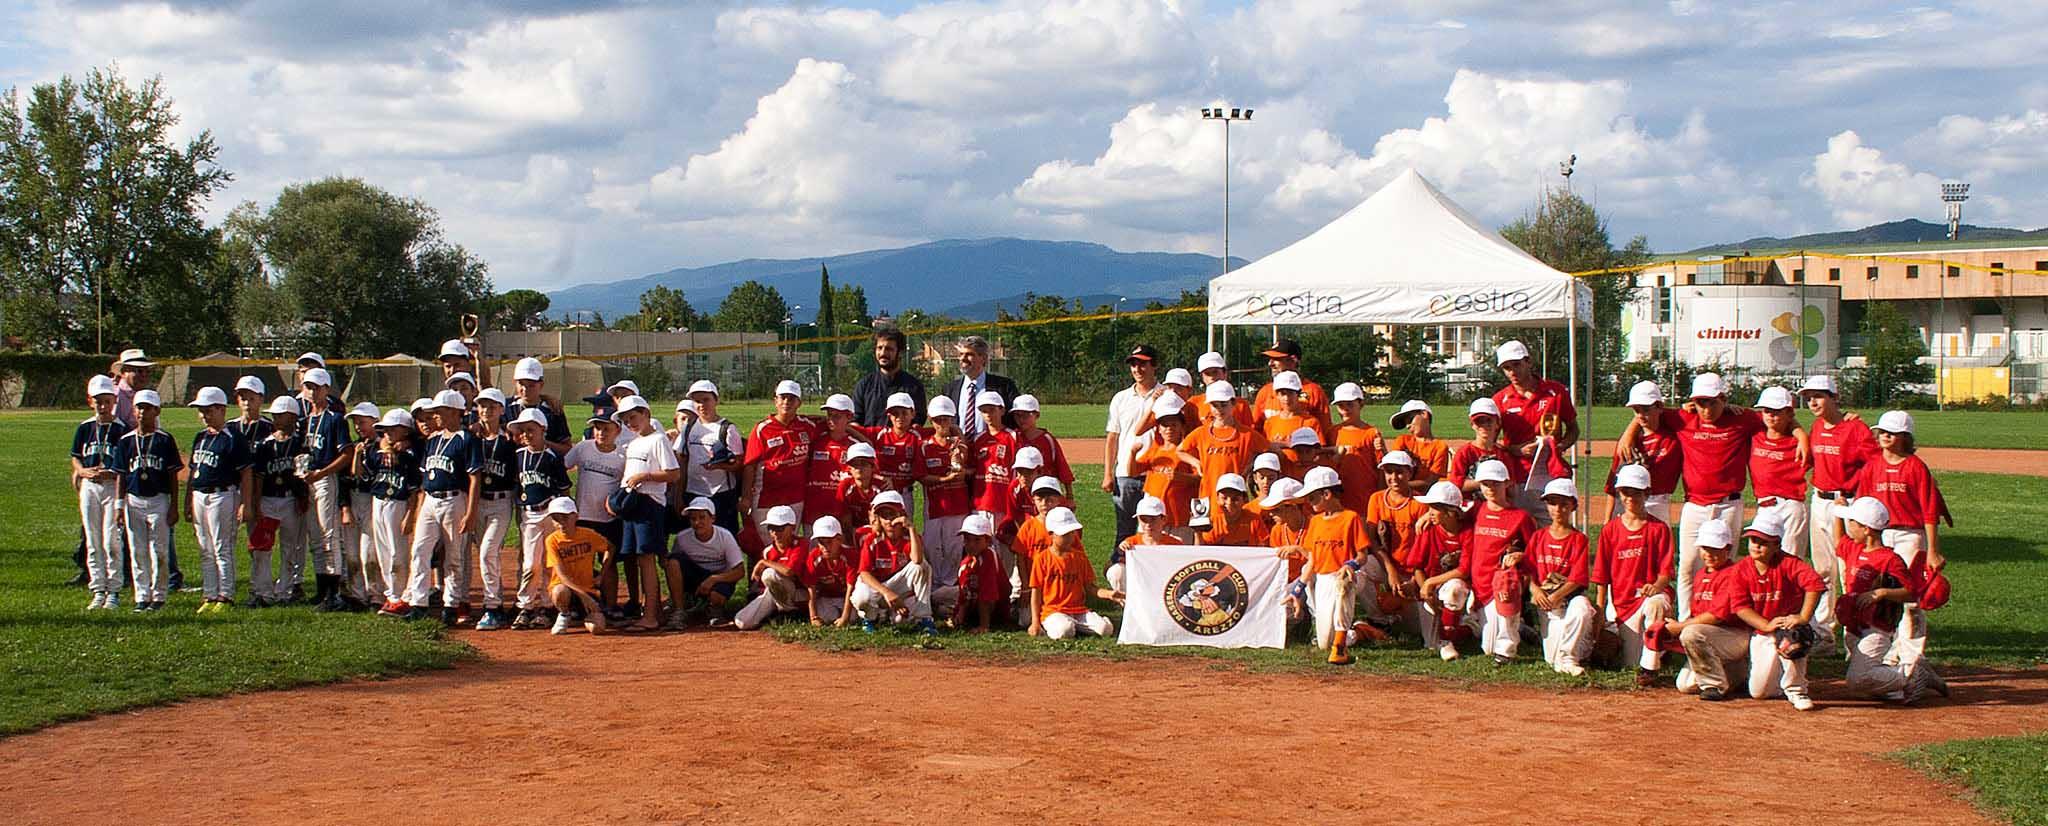 Photo of AREZZO – I ragazzi del Bsc Arezzo trovano gloria alle Tuscany Series